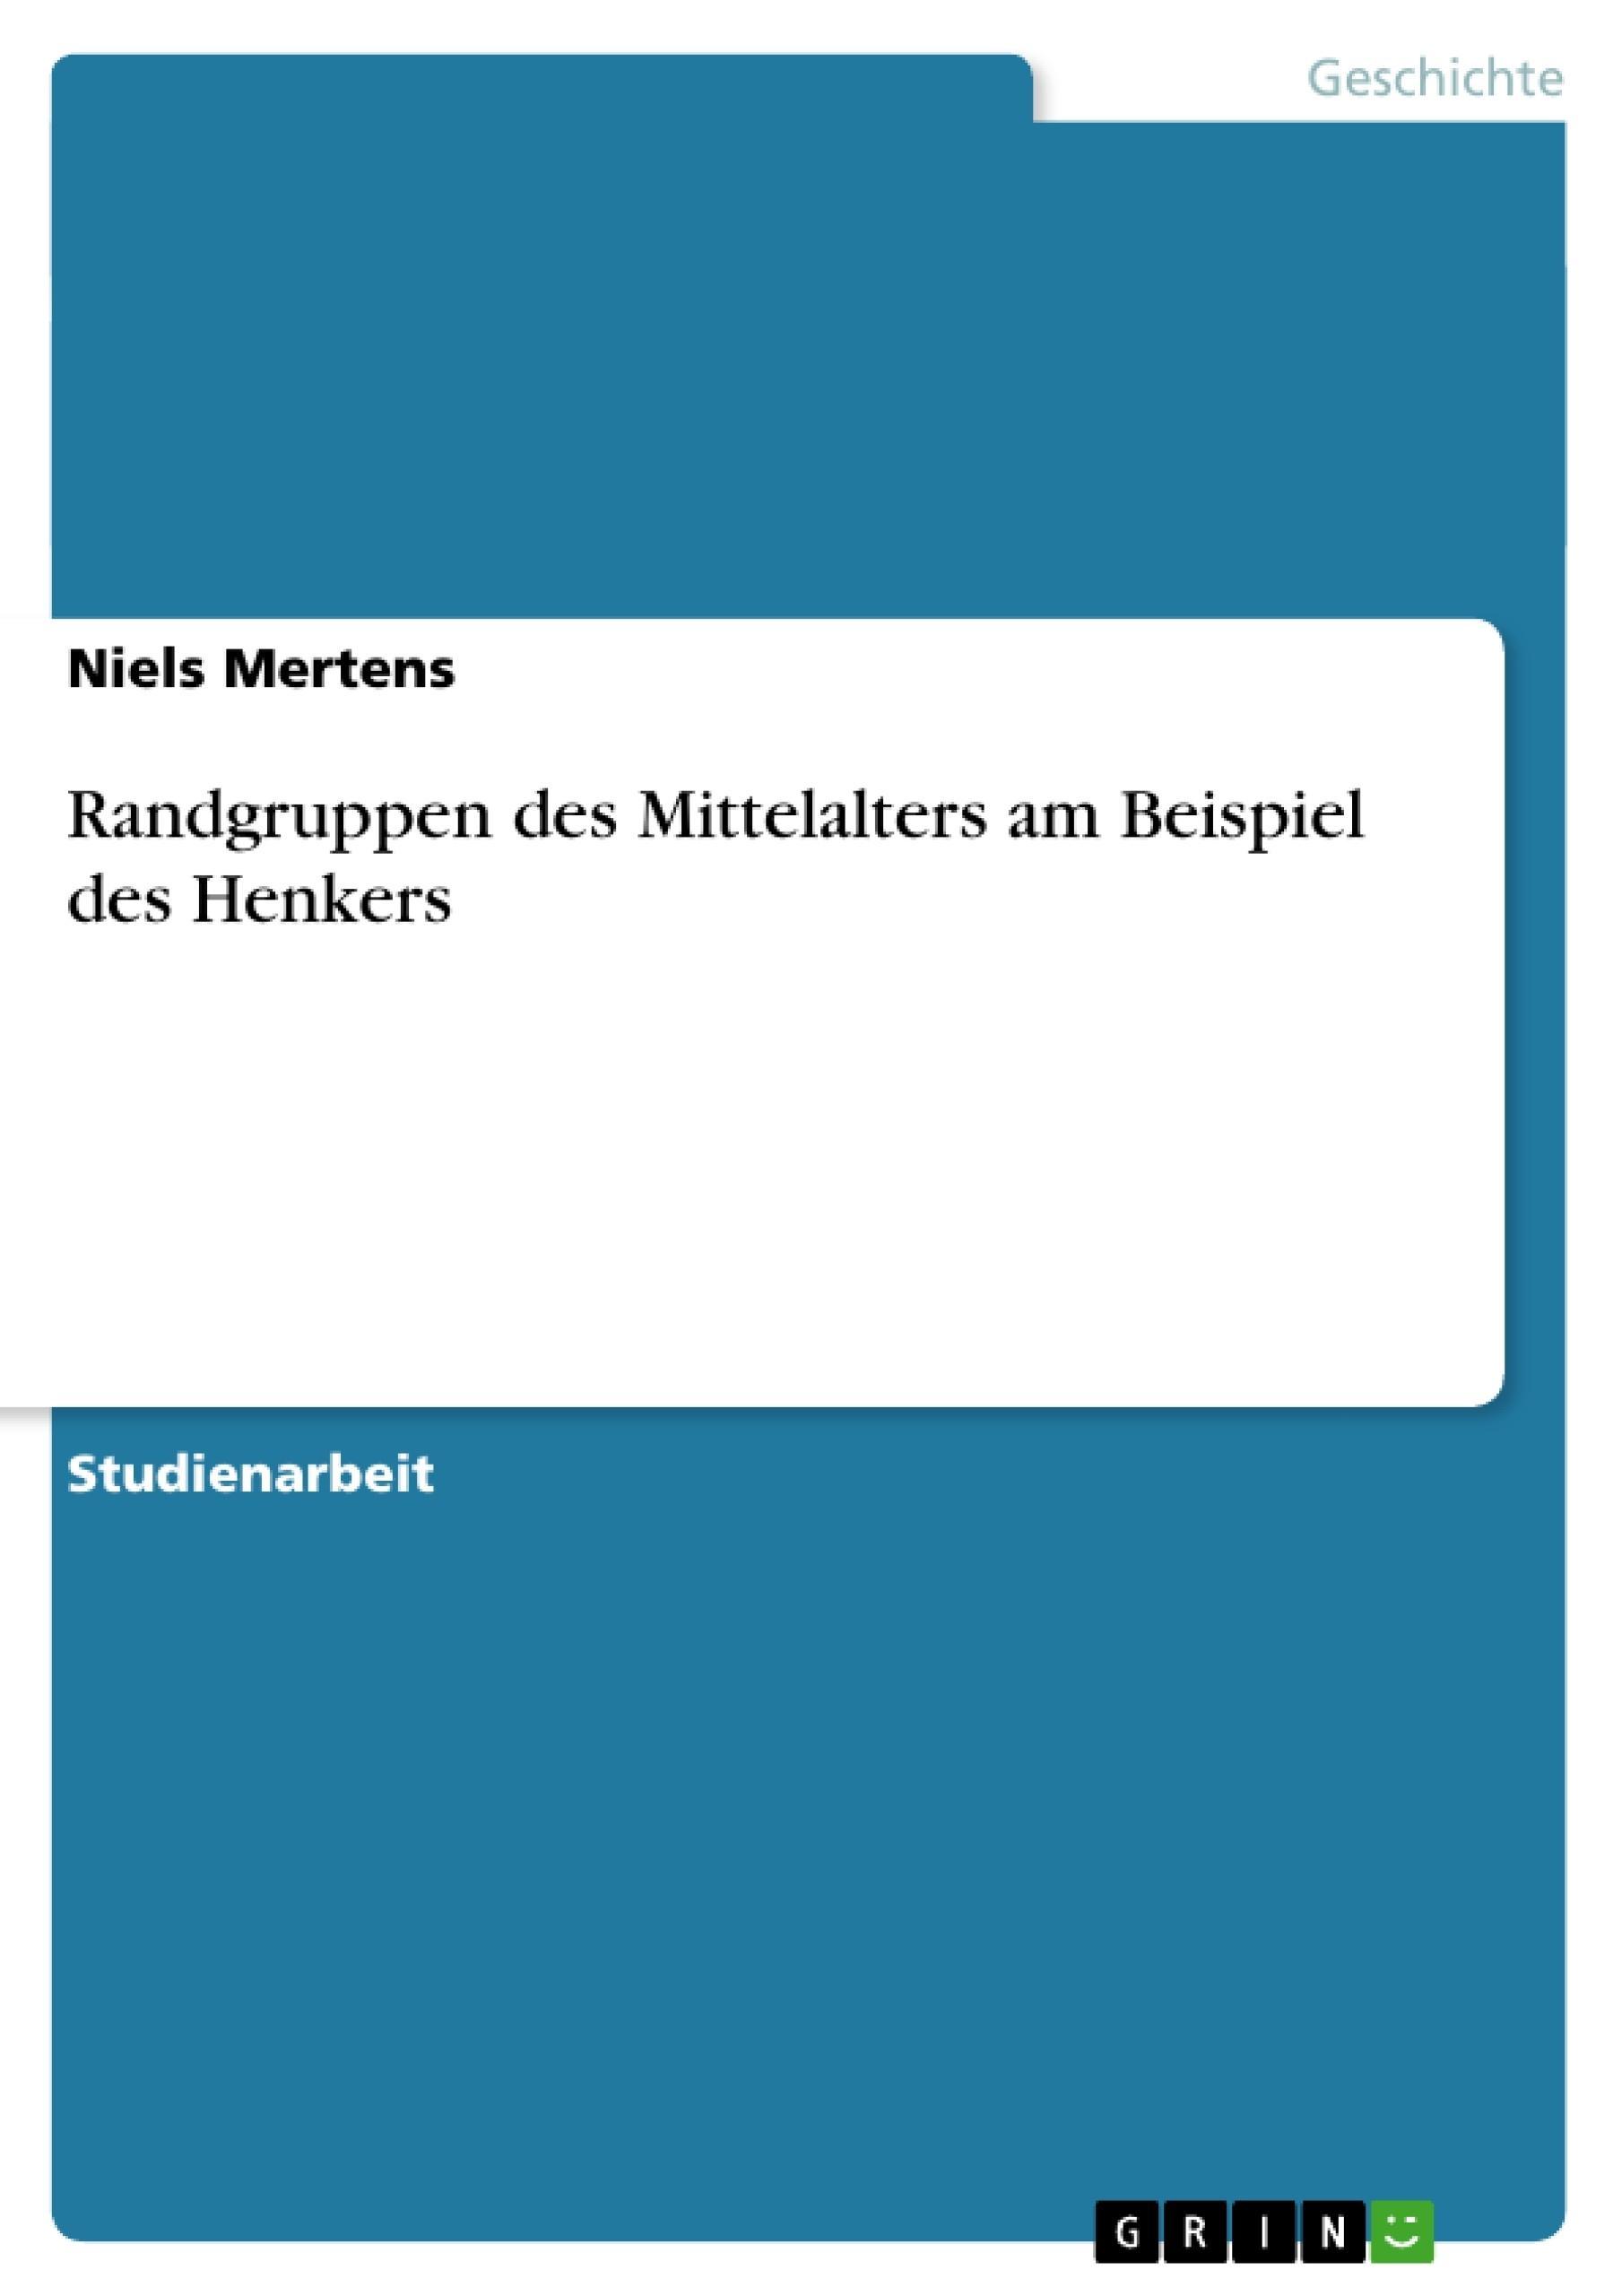 Titel: Randgruppen des Mittelalters am Beispiel des Henkers